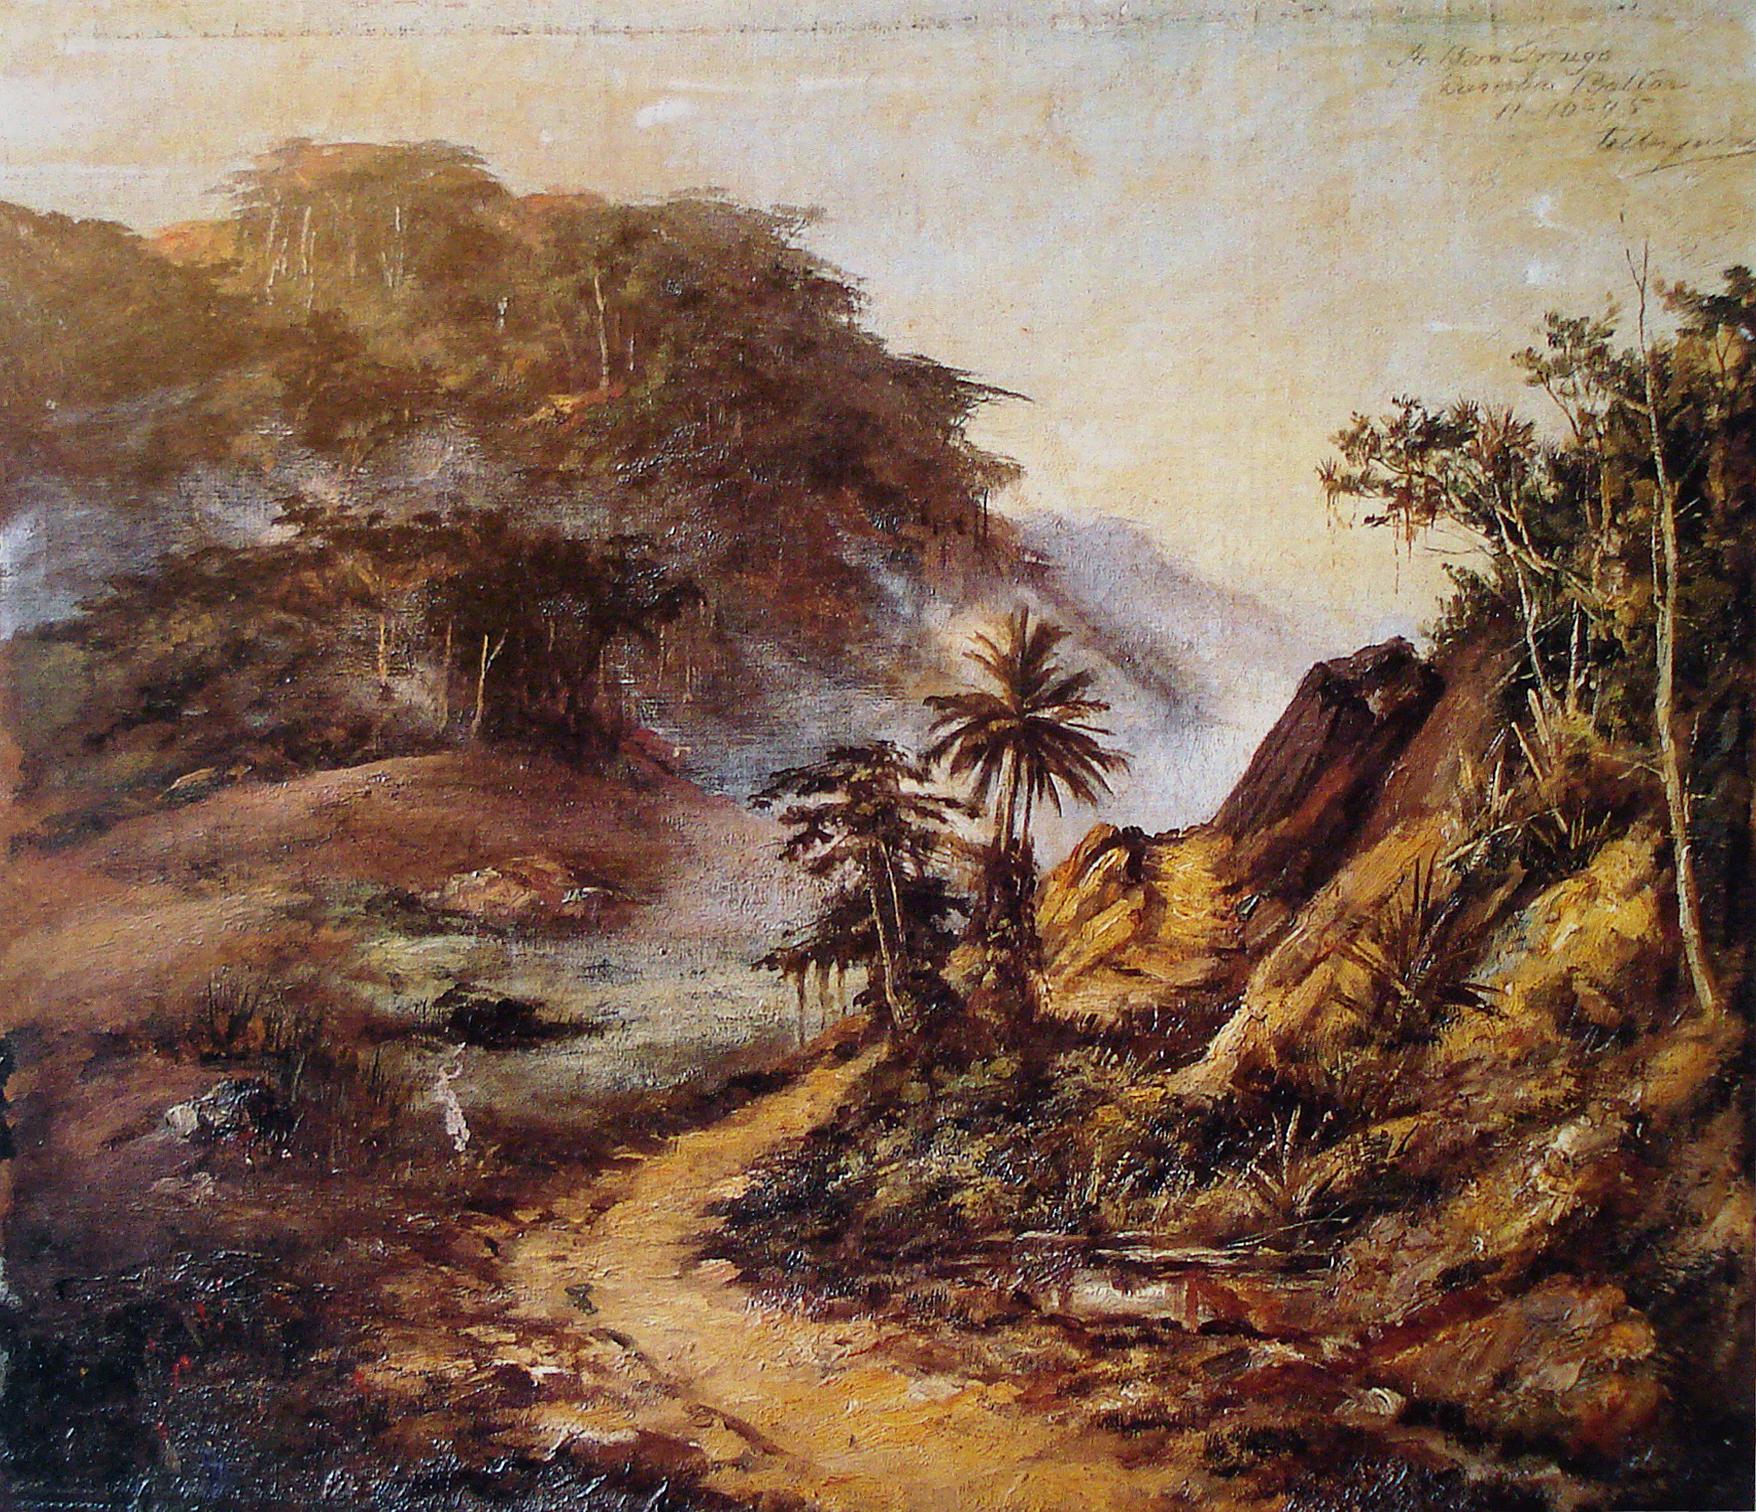 Veja o que saiu no Migalhas sobre Jerônimo José Telles Júnior